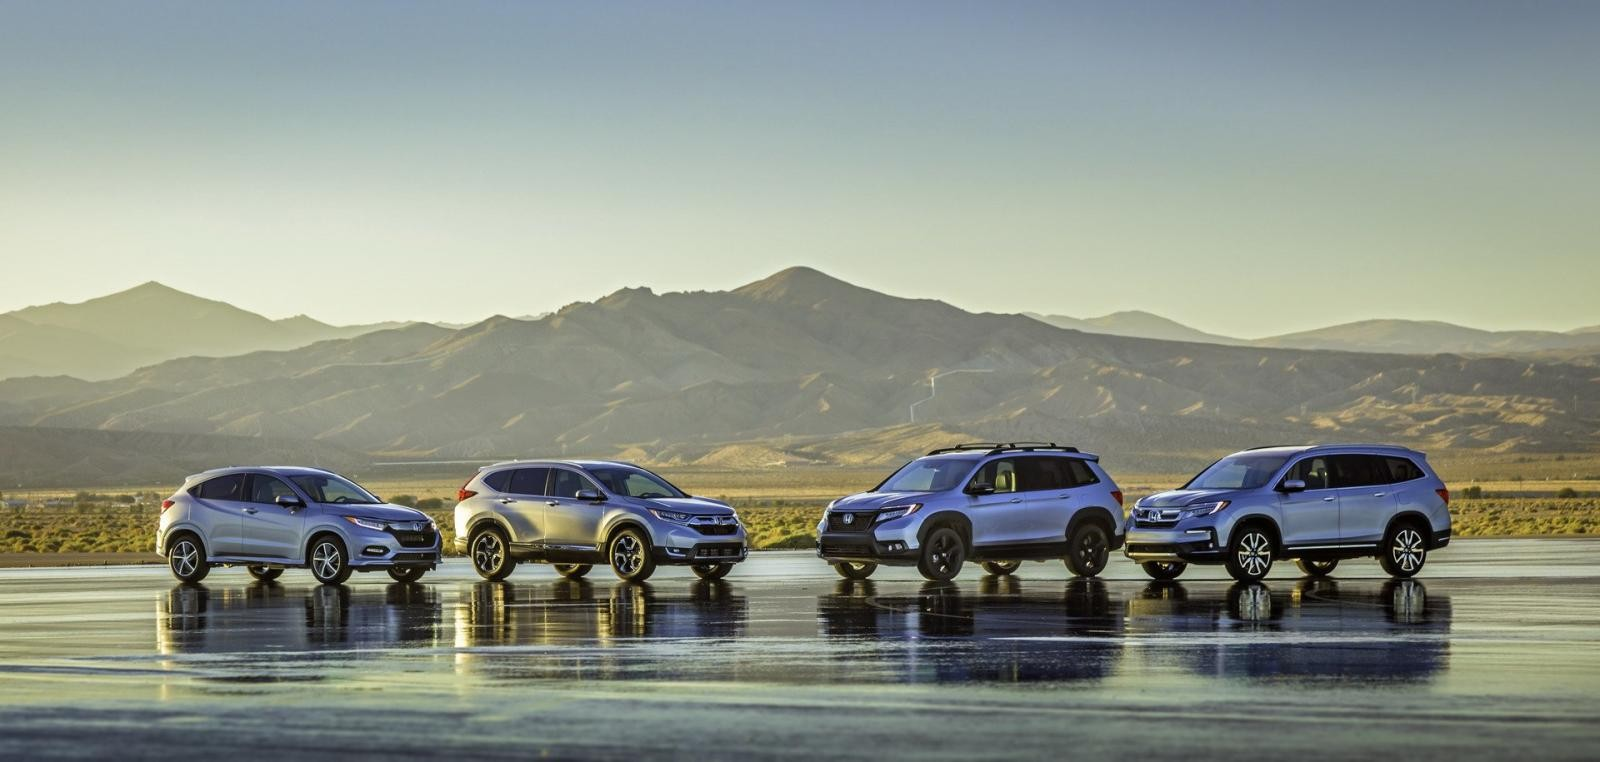 4 mẫu crossover hiện đang được bán tại Mỹ của Honda